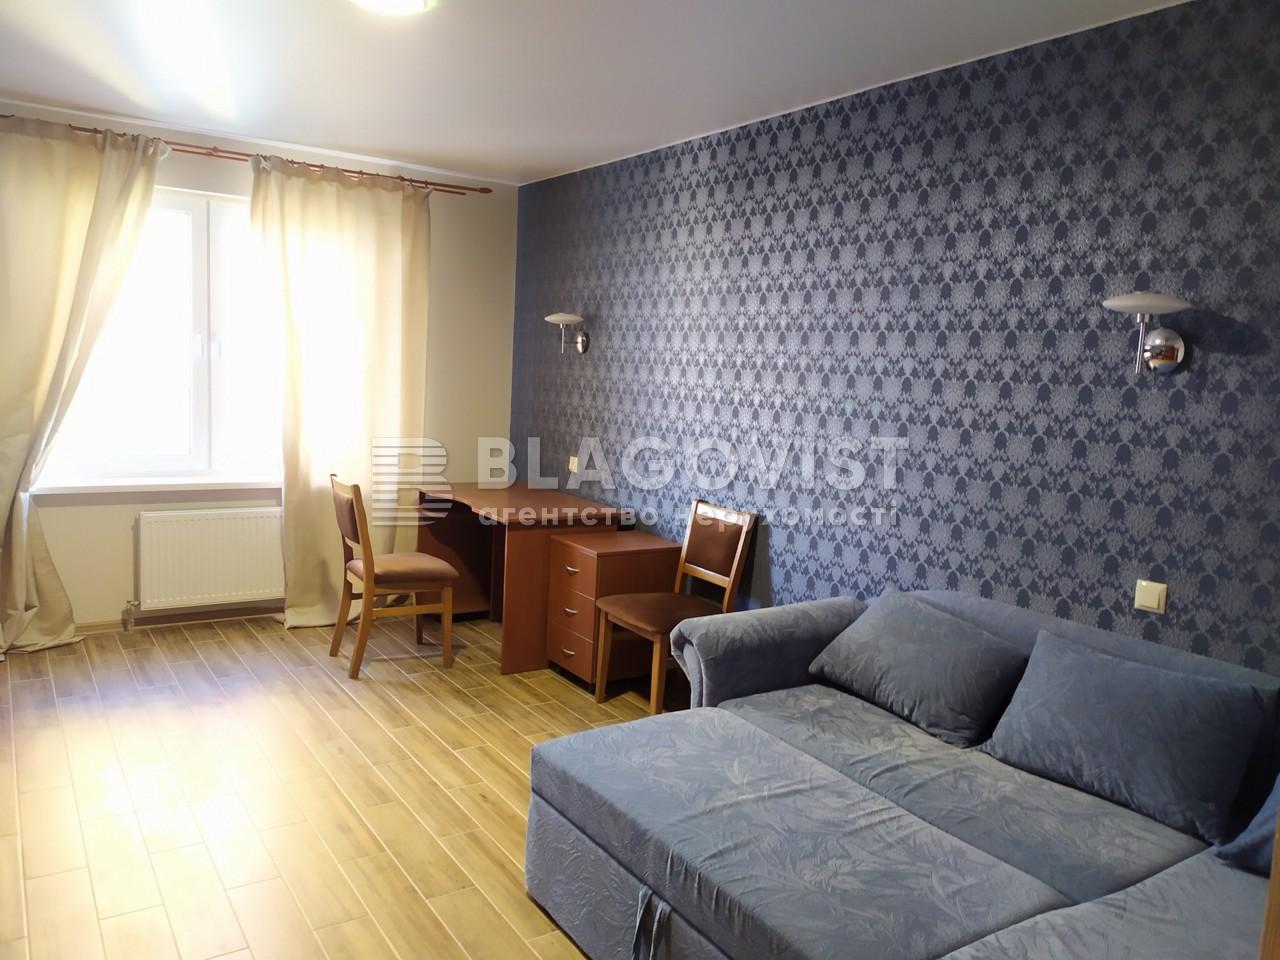 Квартира F-43445, Донца Михаила, 2б, Киев - Фото 6